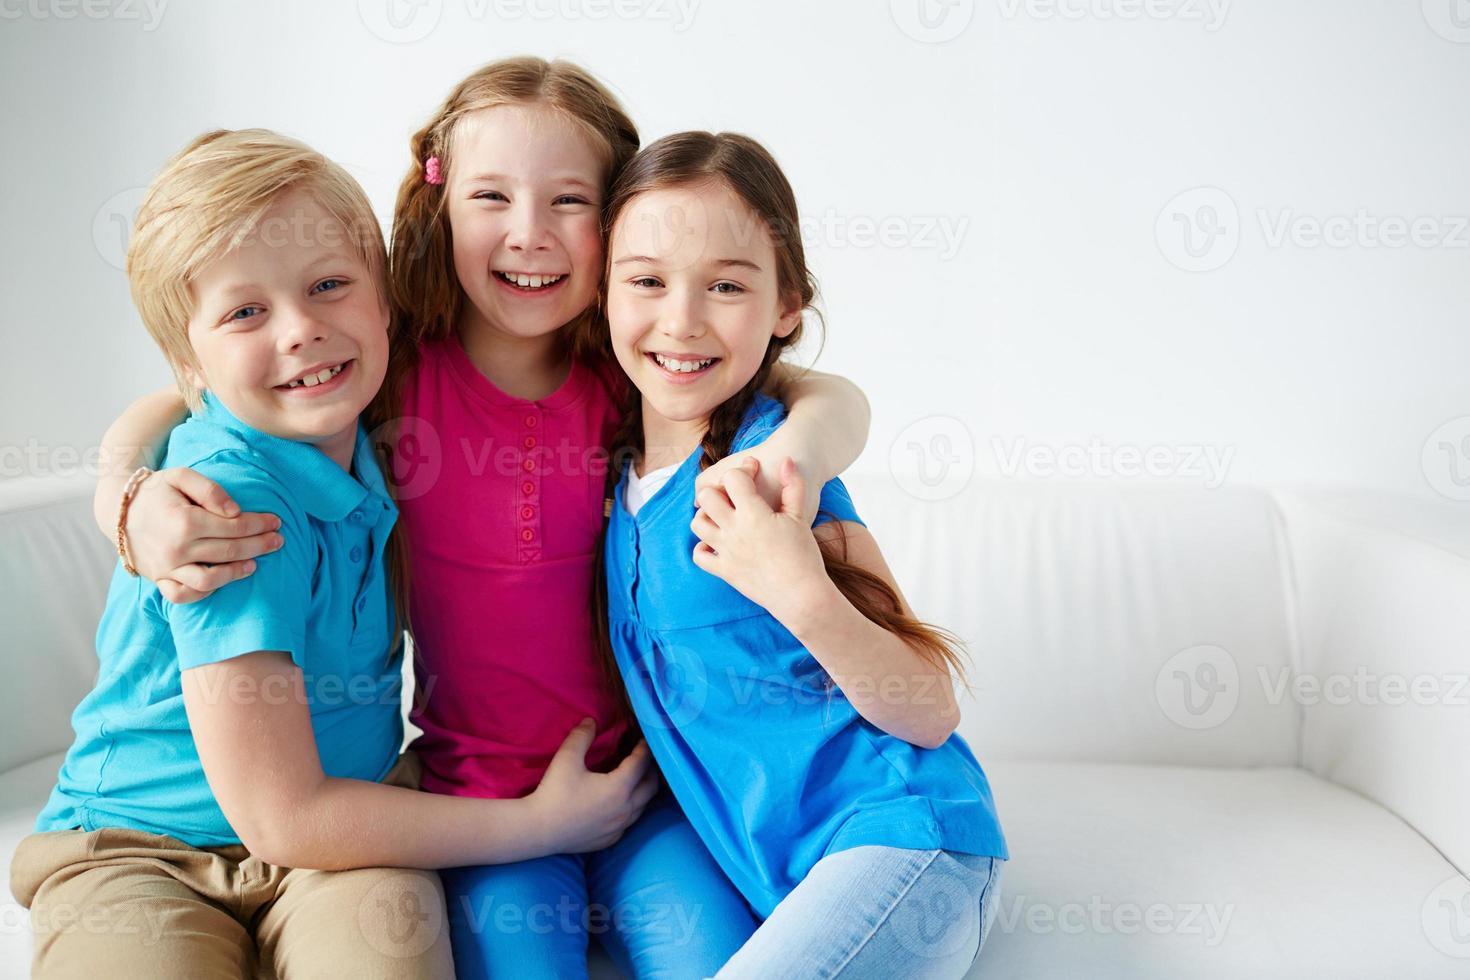 niños alegres foto